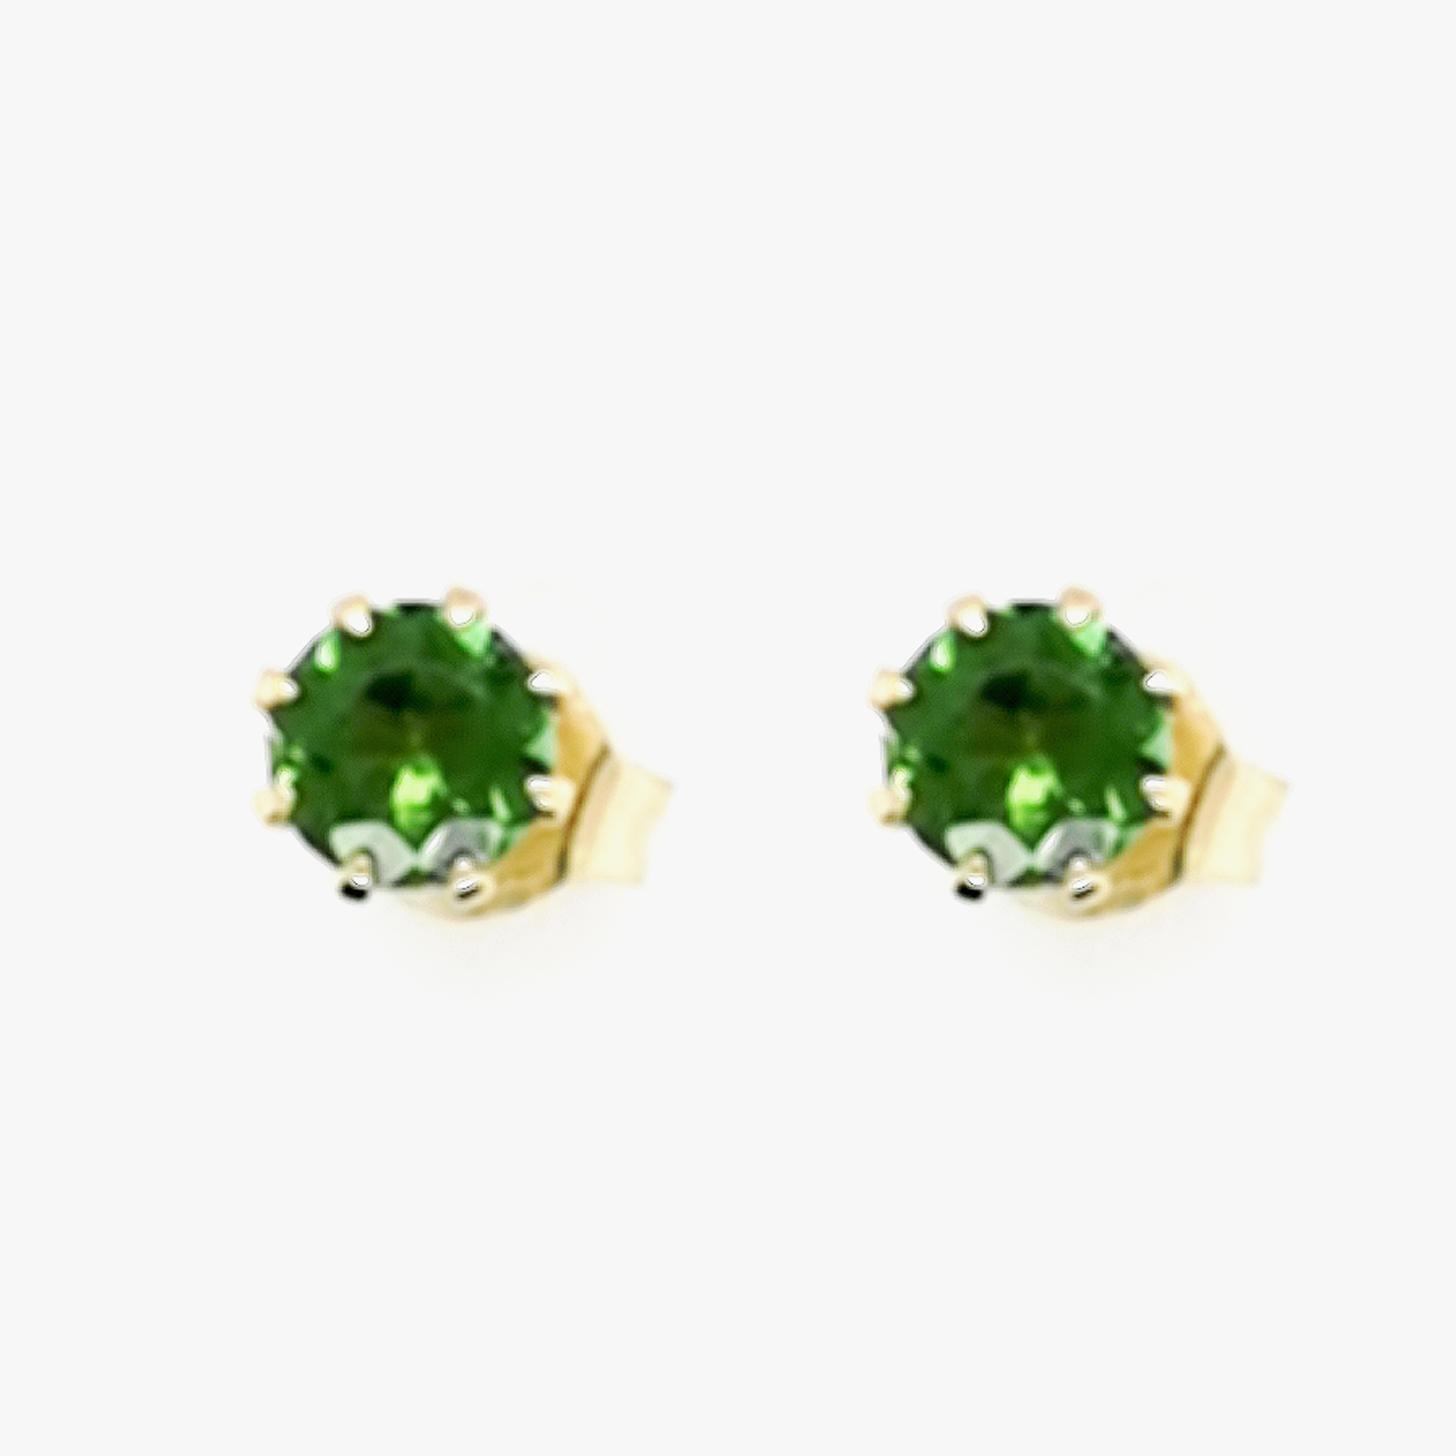 Brasilianischer Turmalin grün, gesamt ca. 0,6 ct Edelstein, Ohrstecker aus 375 Gelbgold, Sogni d´oro